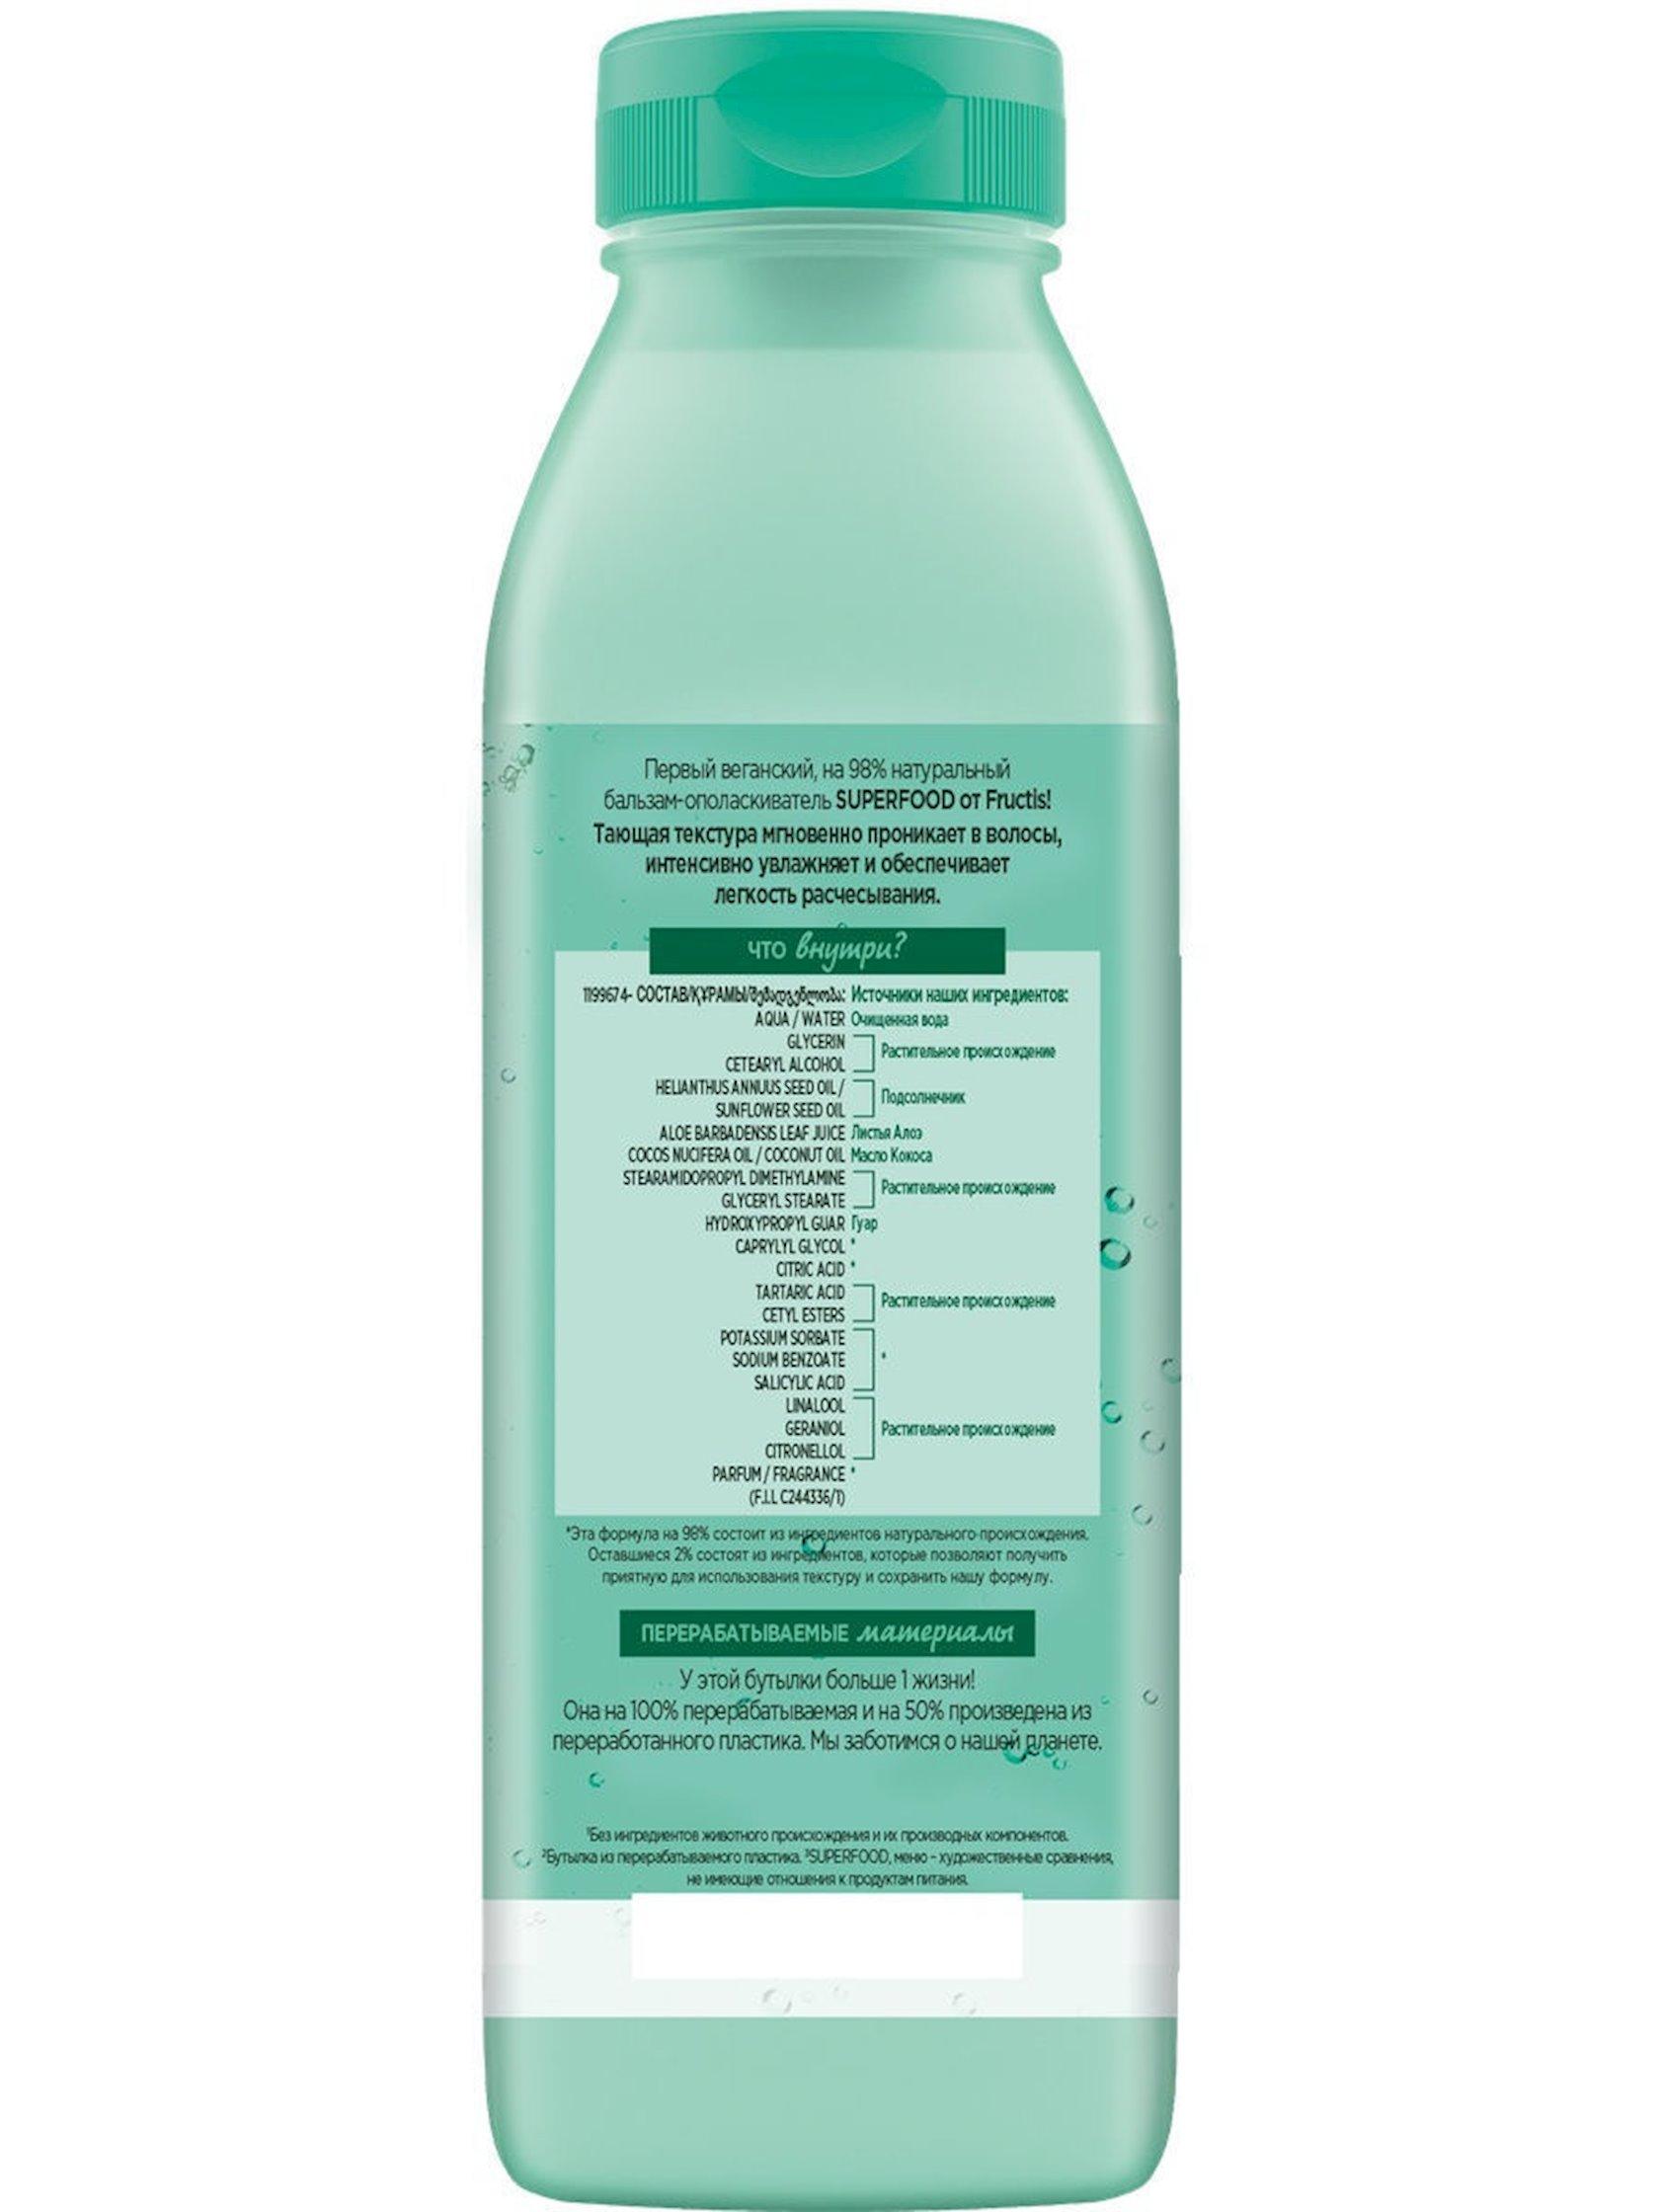 Şampun Garnier Fructis Superfood Nəmləndirmə Aloe 350 ml